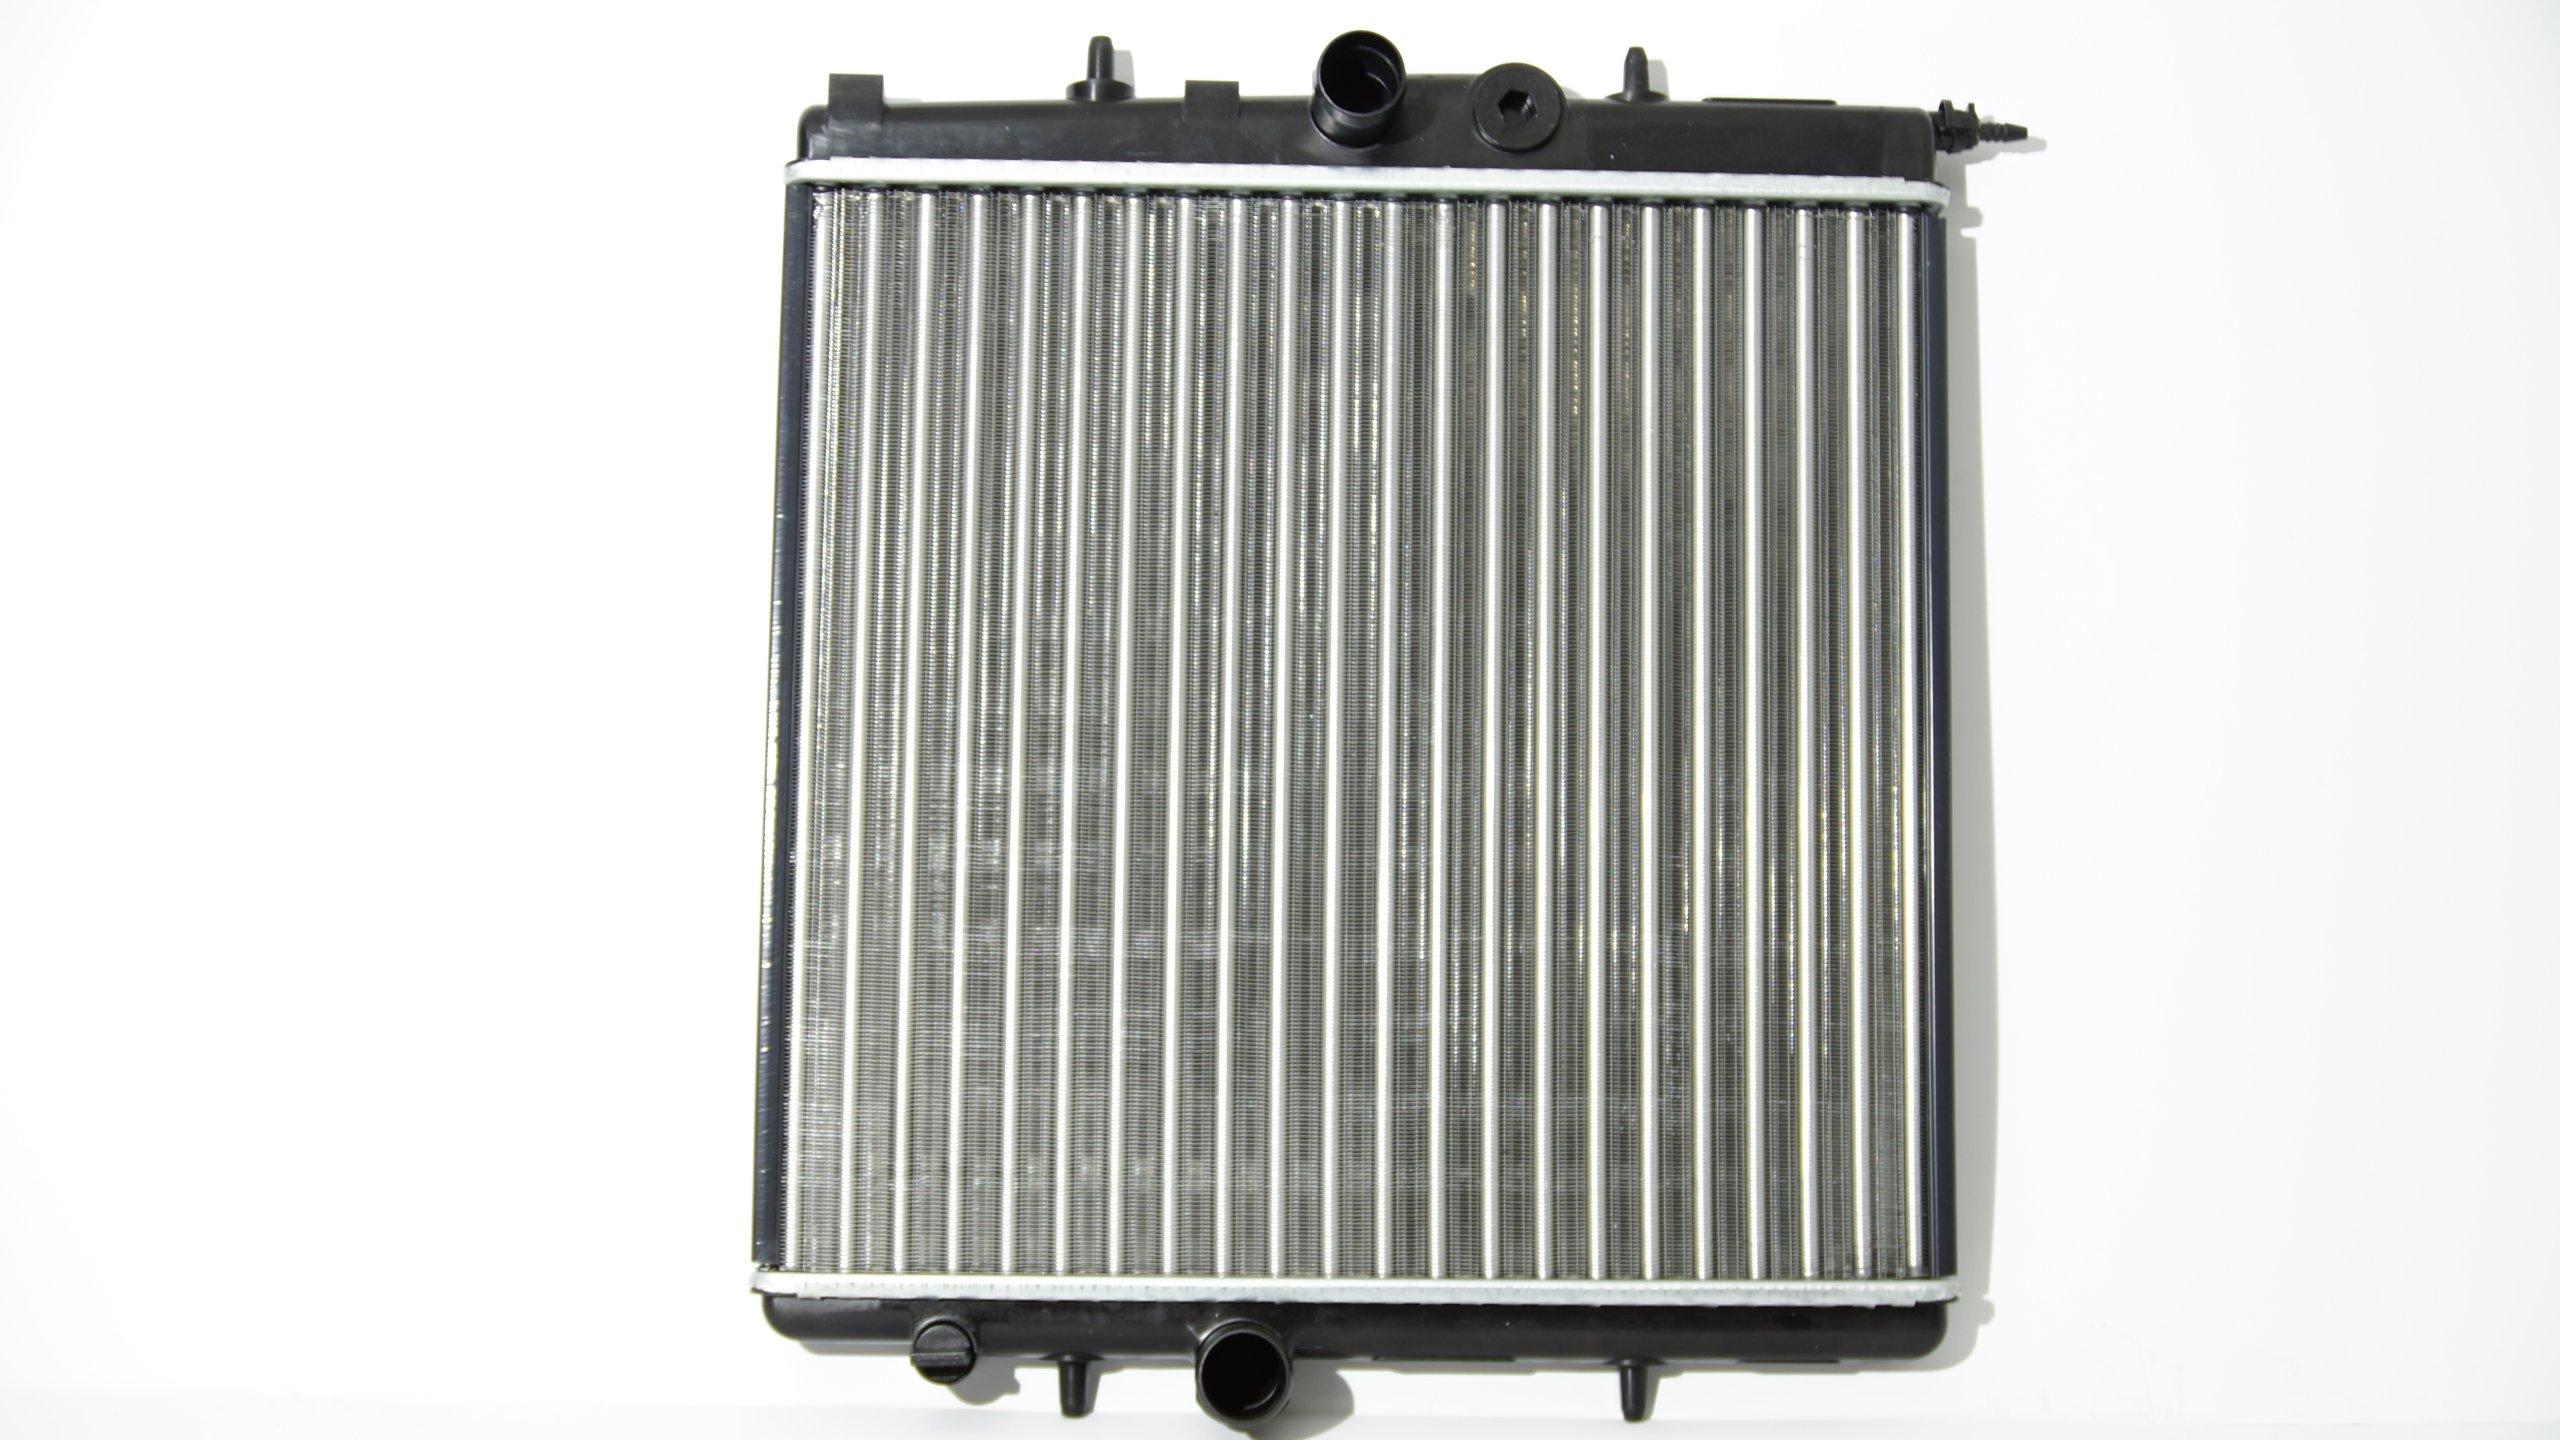 радиатор воды peugeot 206 1 1 1 4 без ac - новая